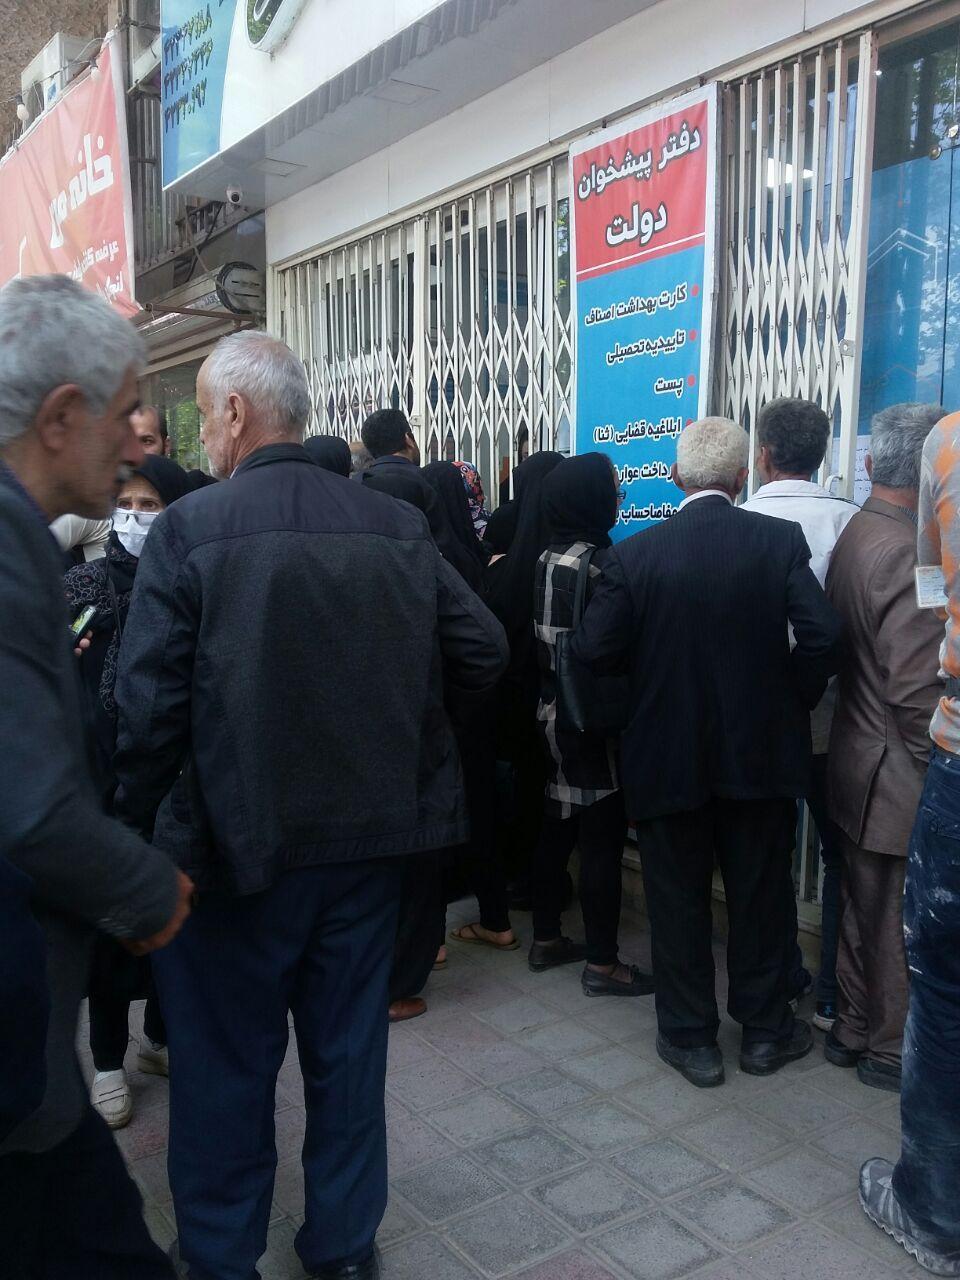 #الو تصاویری از صف مردم در شهر … 550965001587211212